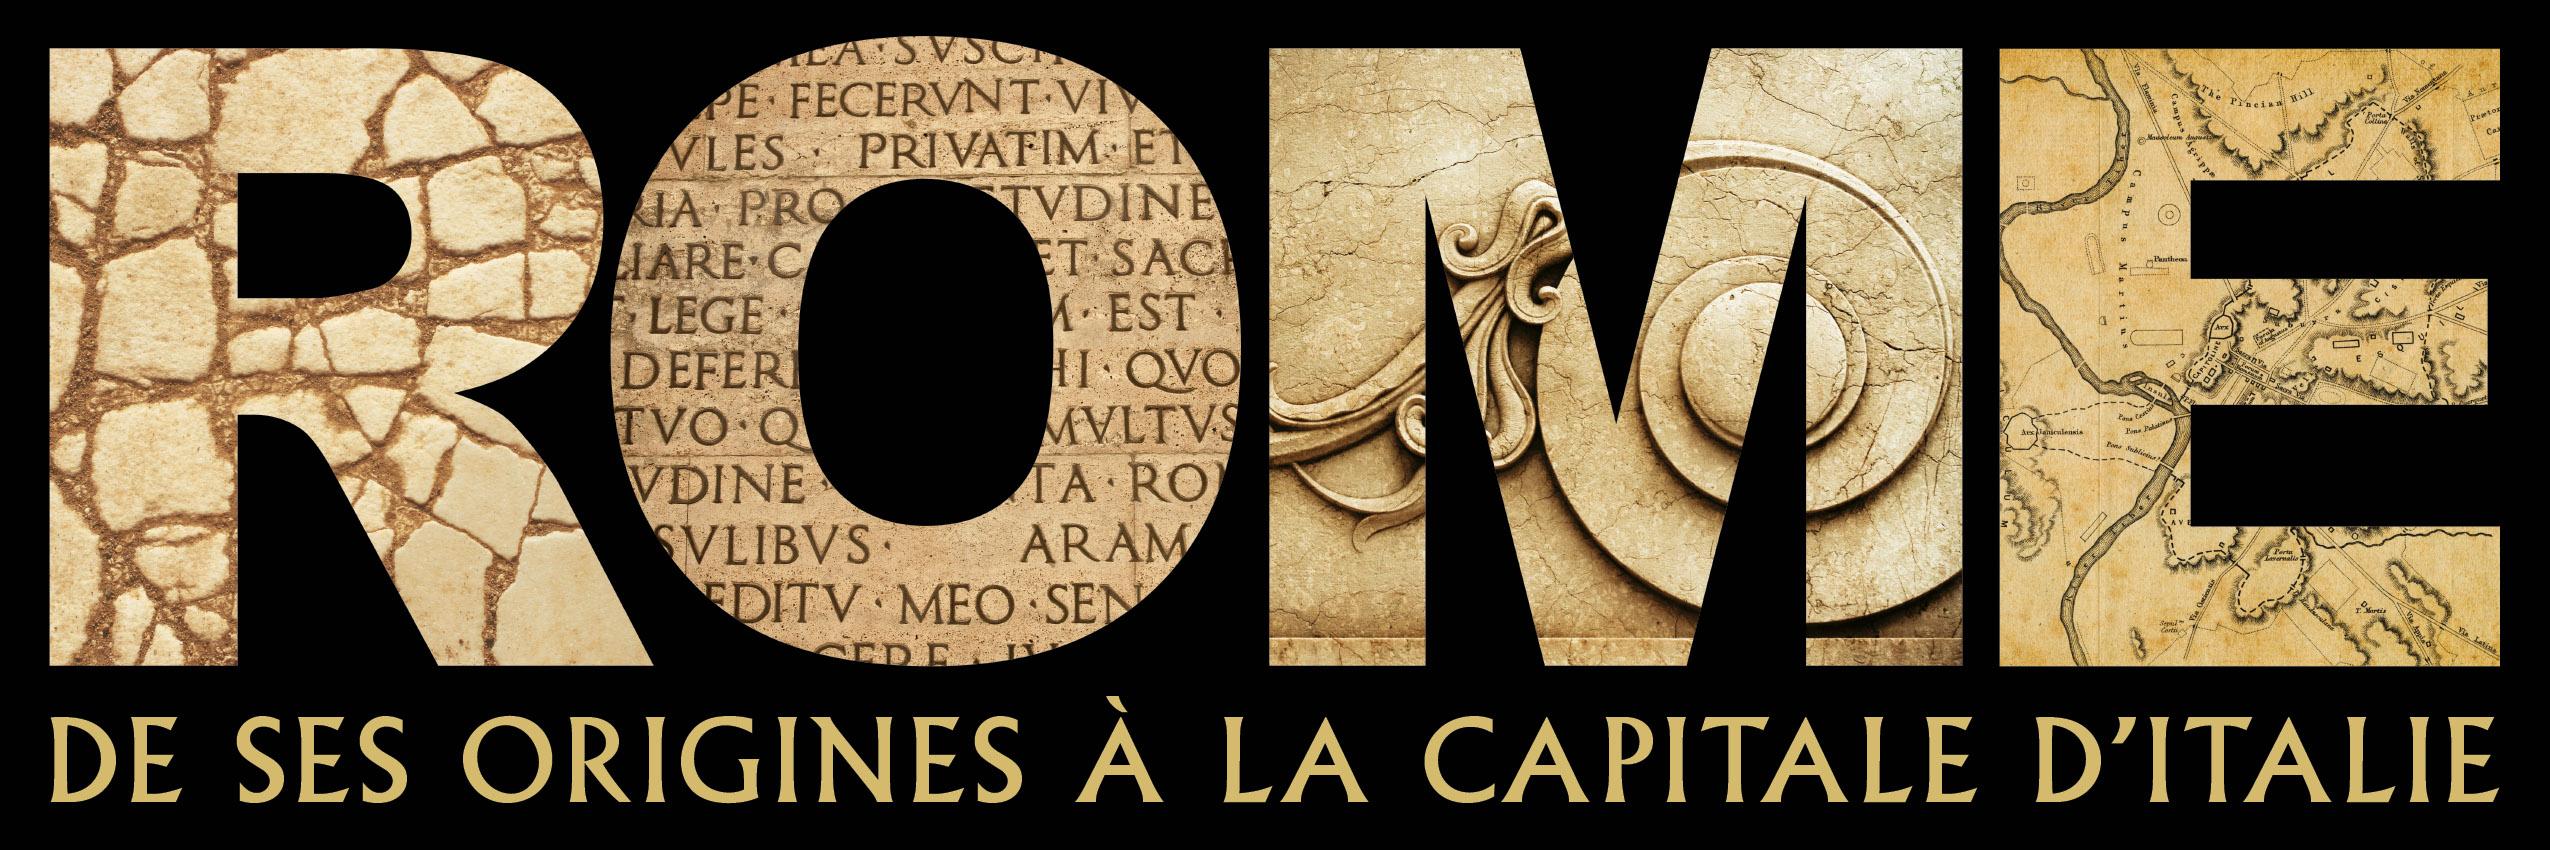 rome-capitale-d-italie